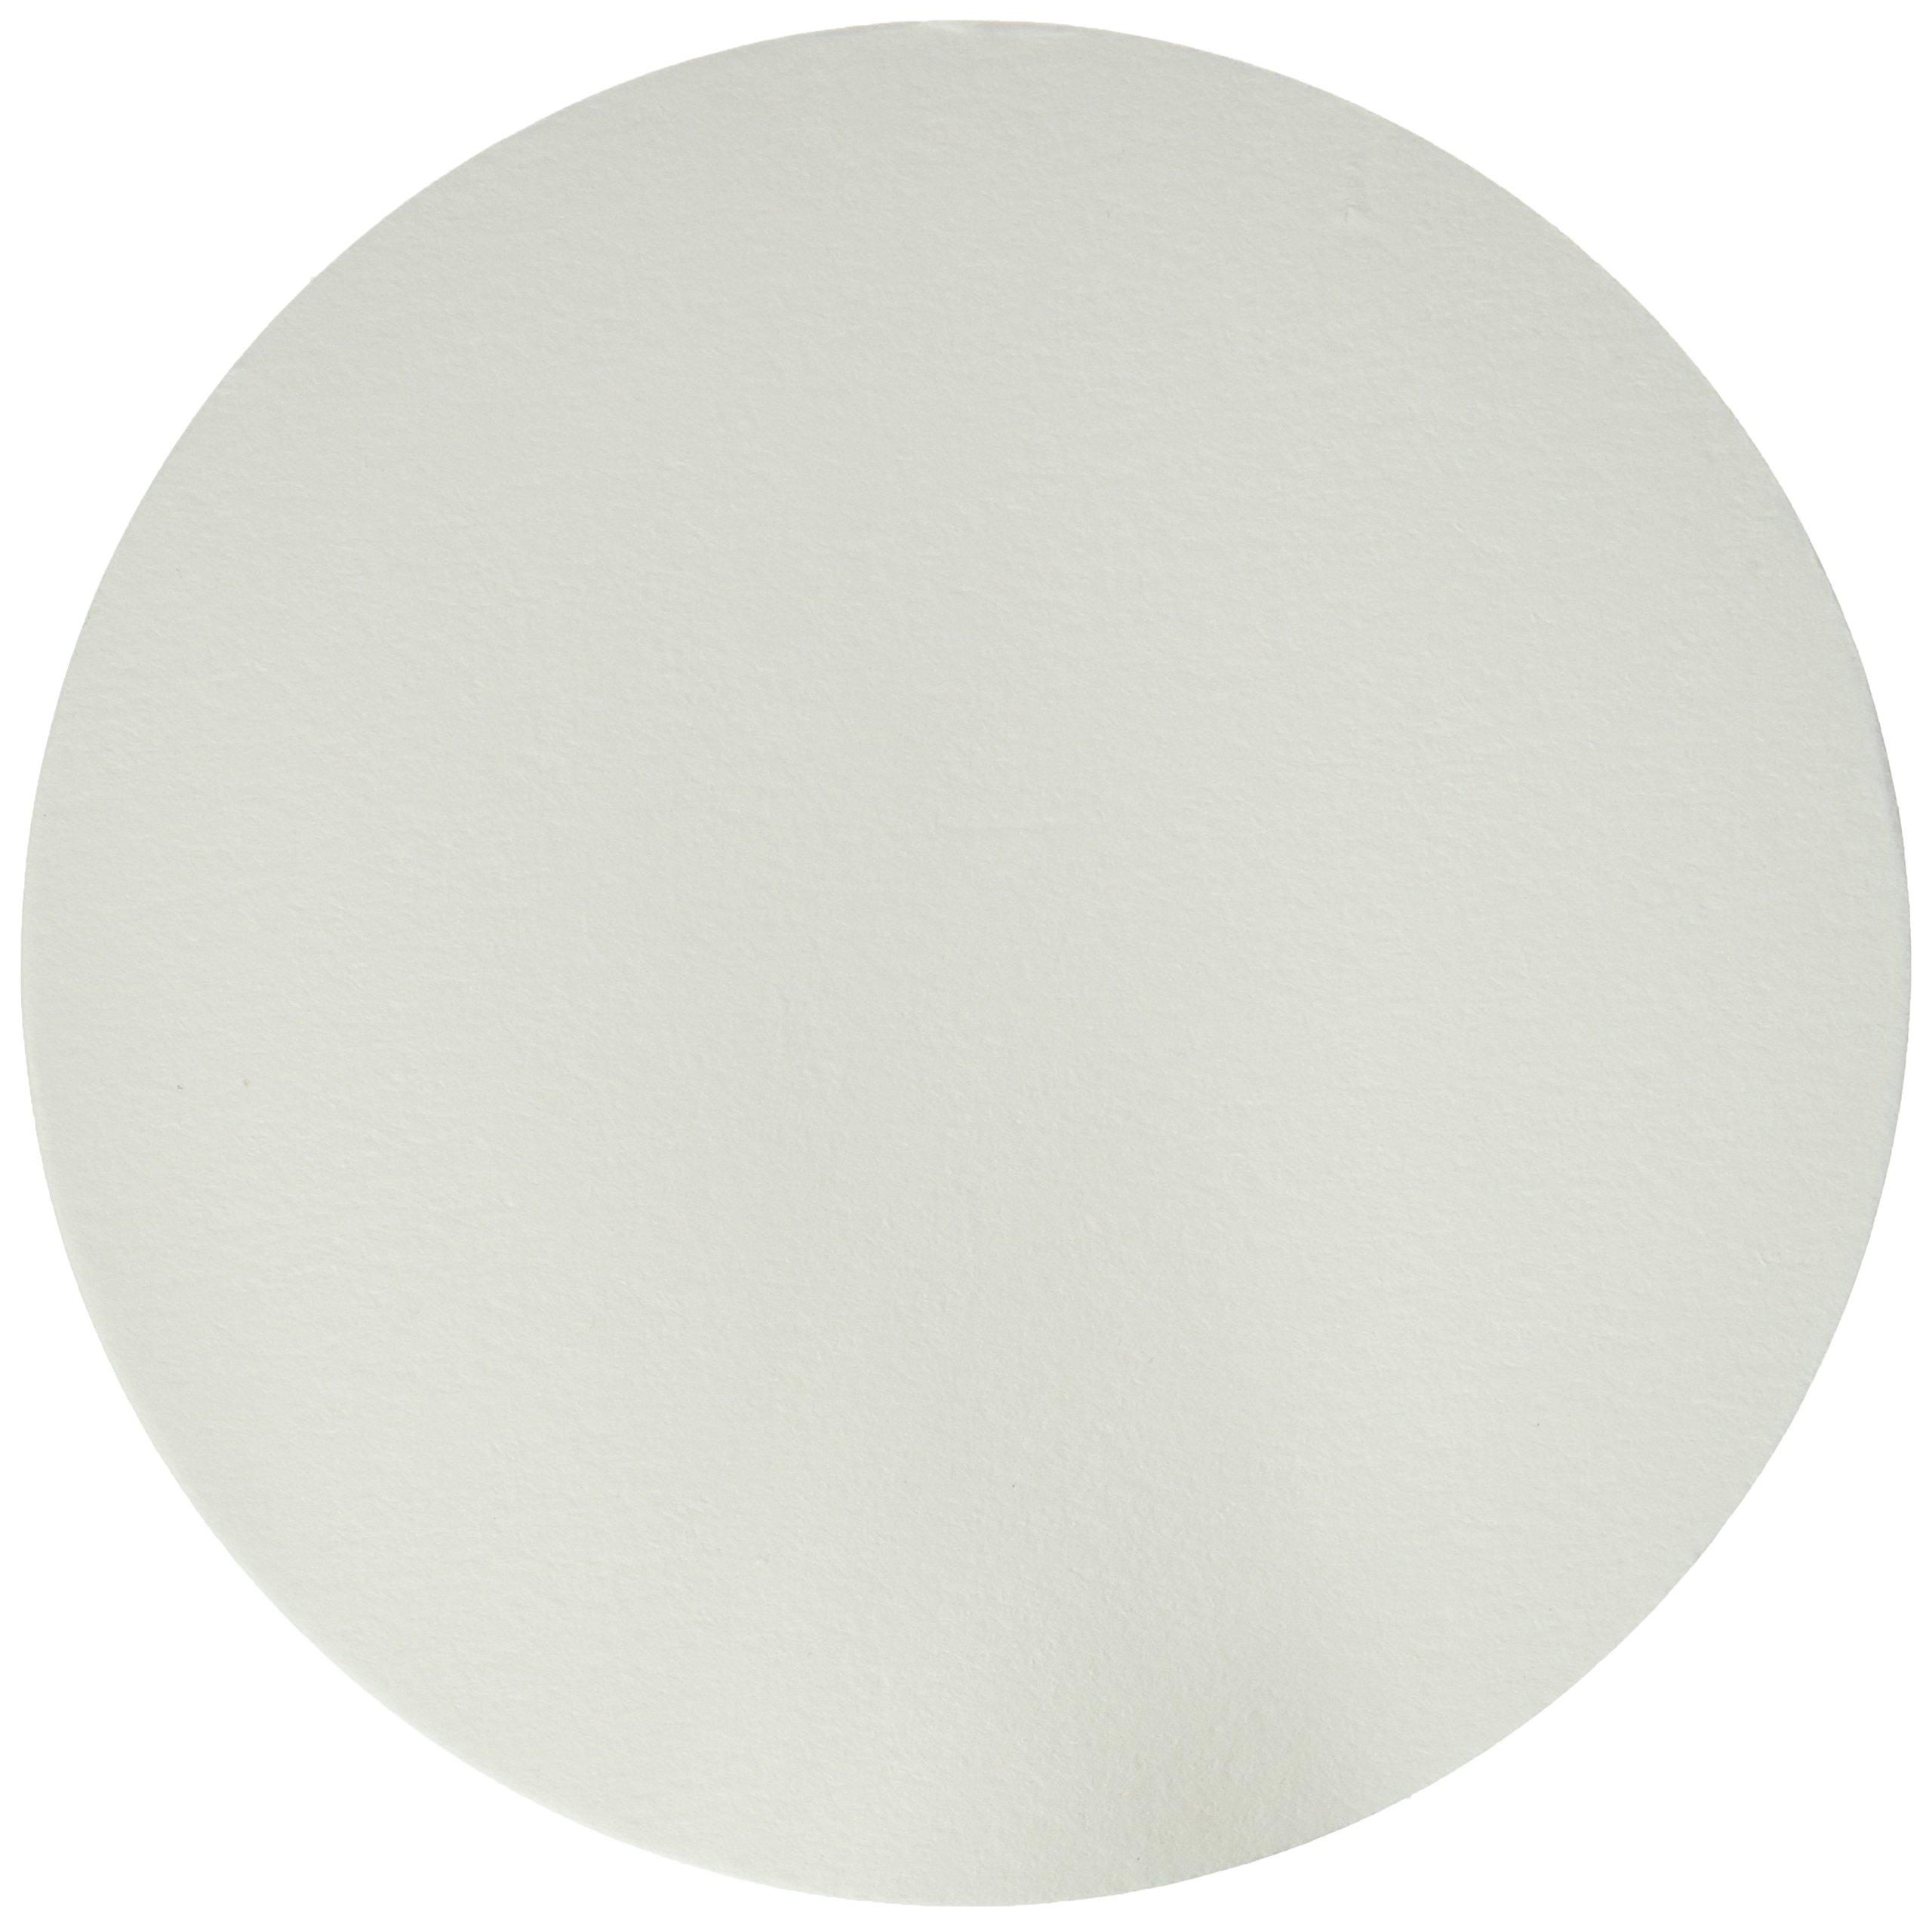 Vinbrite Crystalbrite Filter Pads, 5 Count